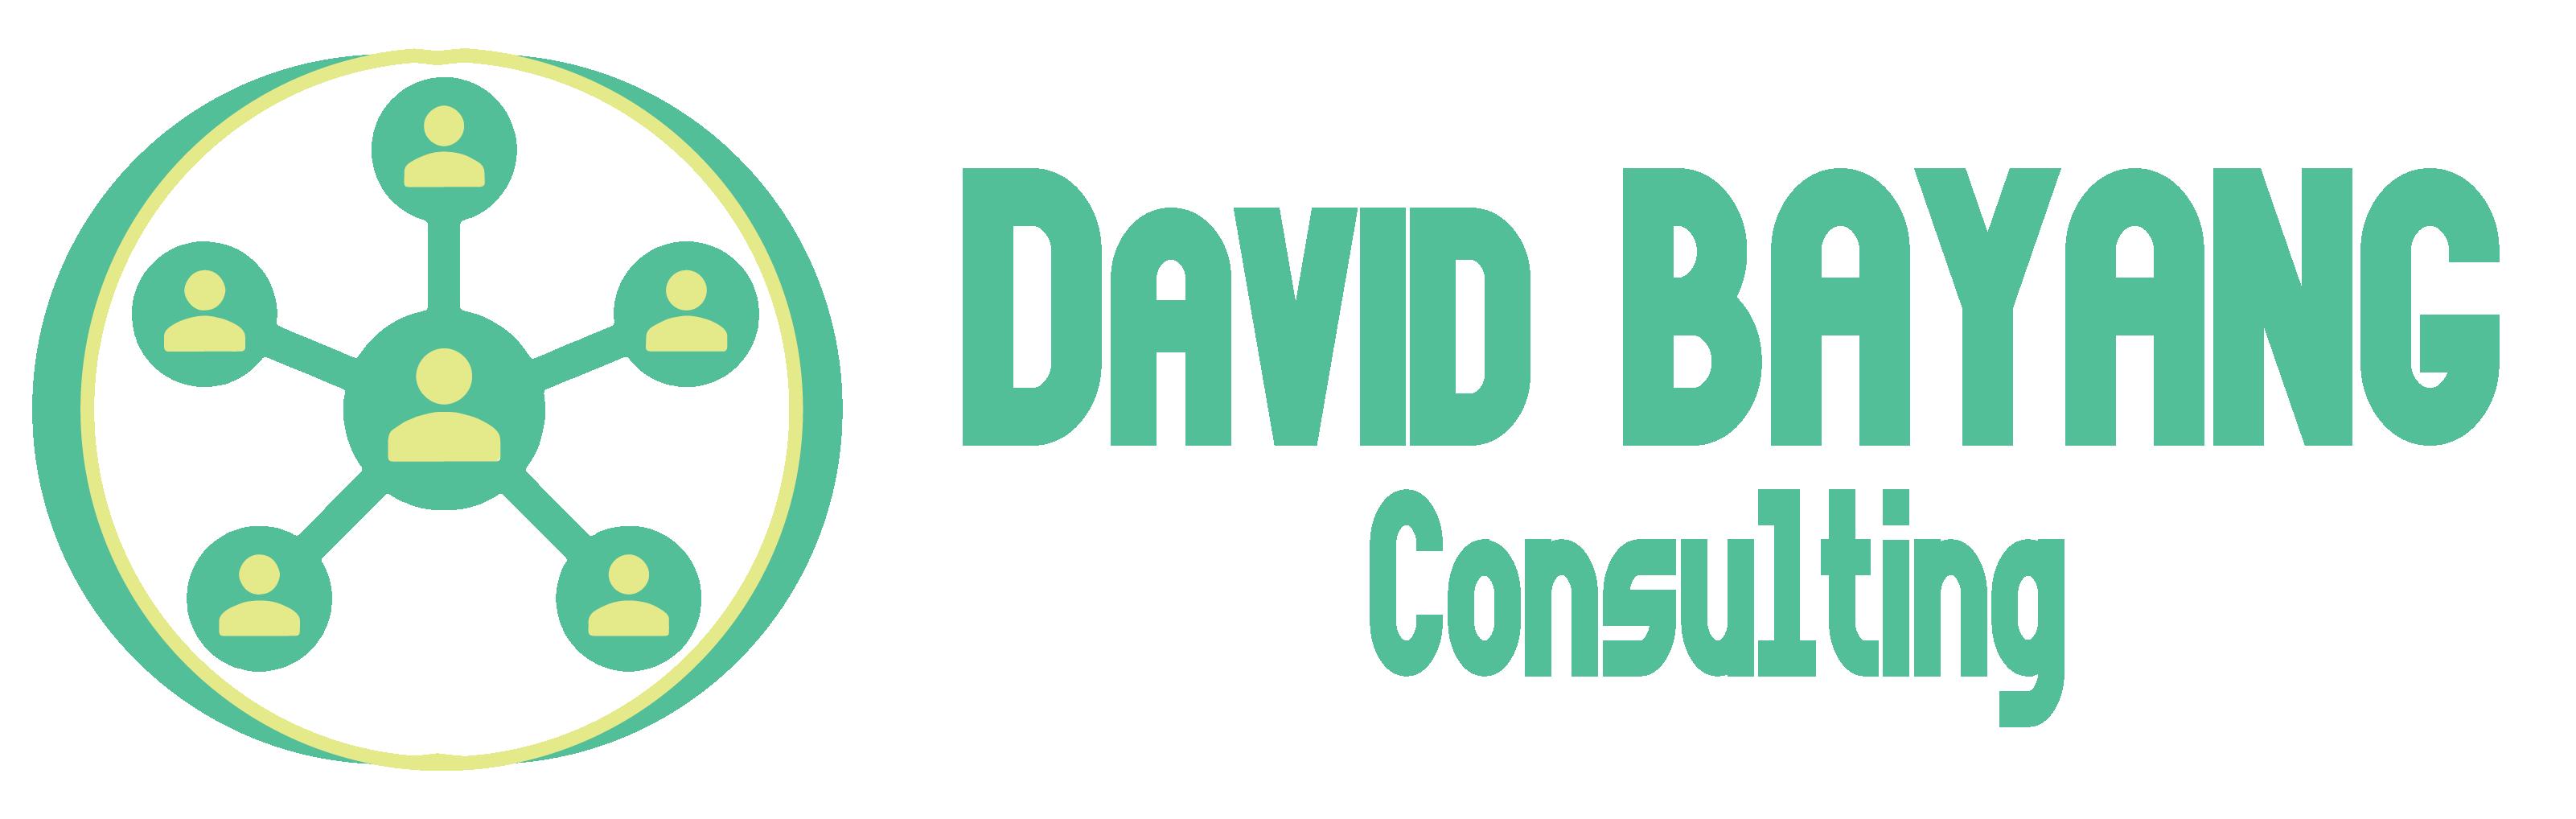 David BAYANG